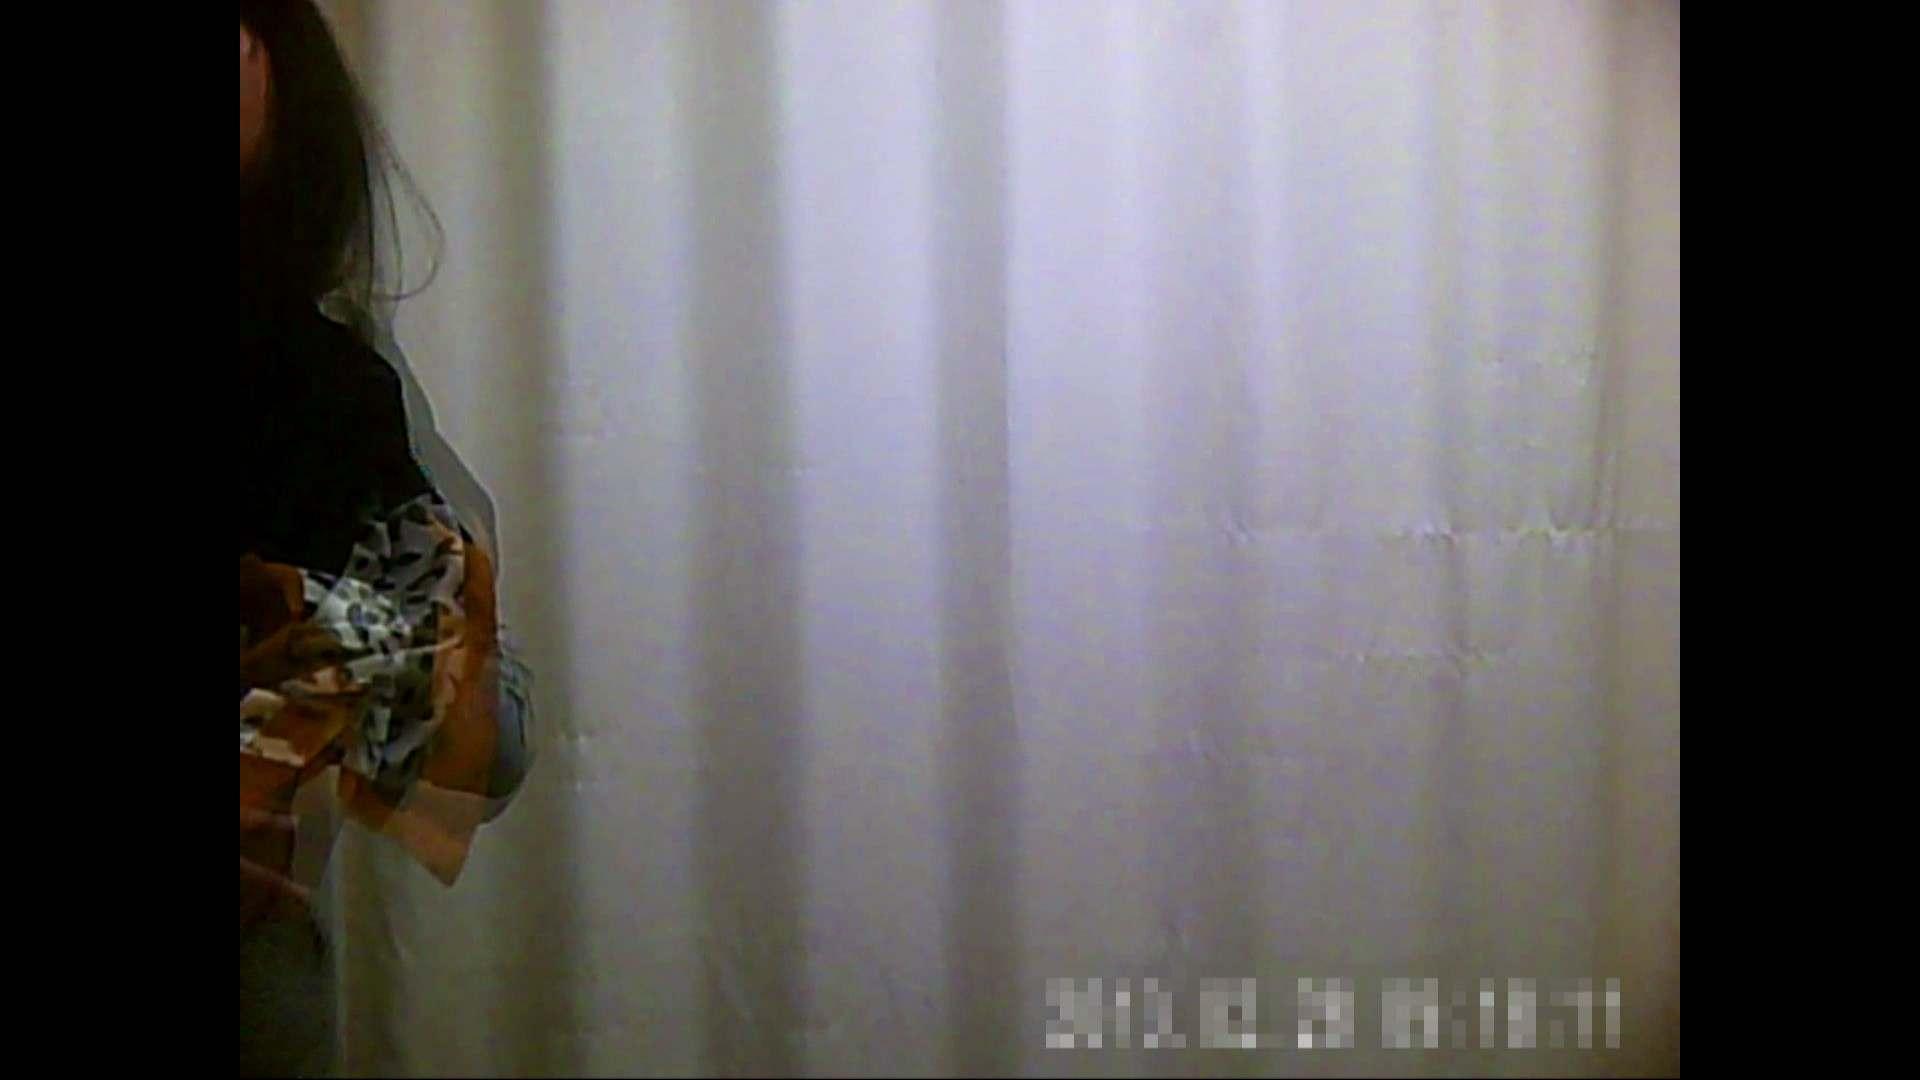 病院おもいっきり着替え! vol.192 おっぱい オメコ無修正動画無料 93pic 88